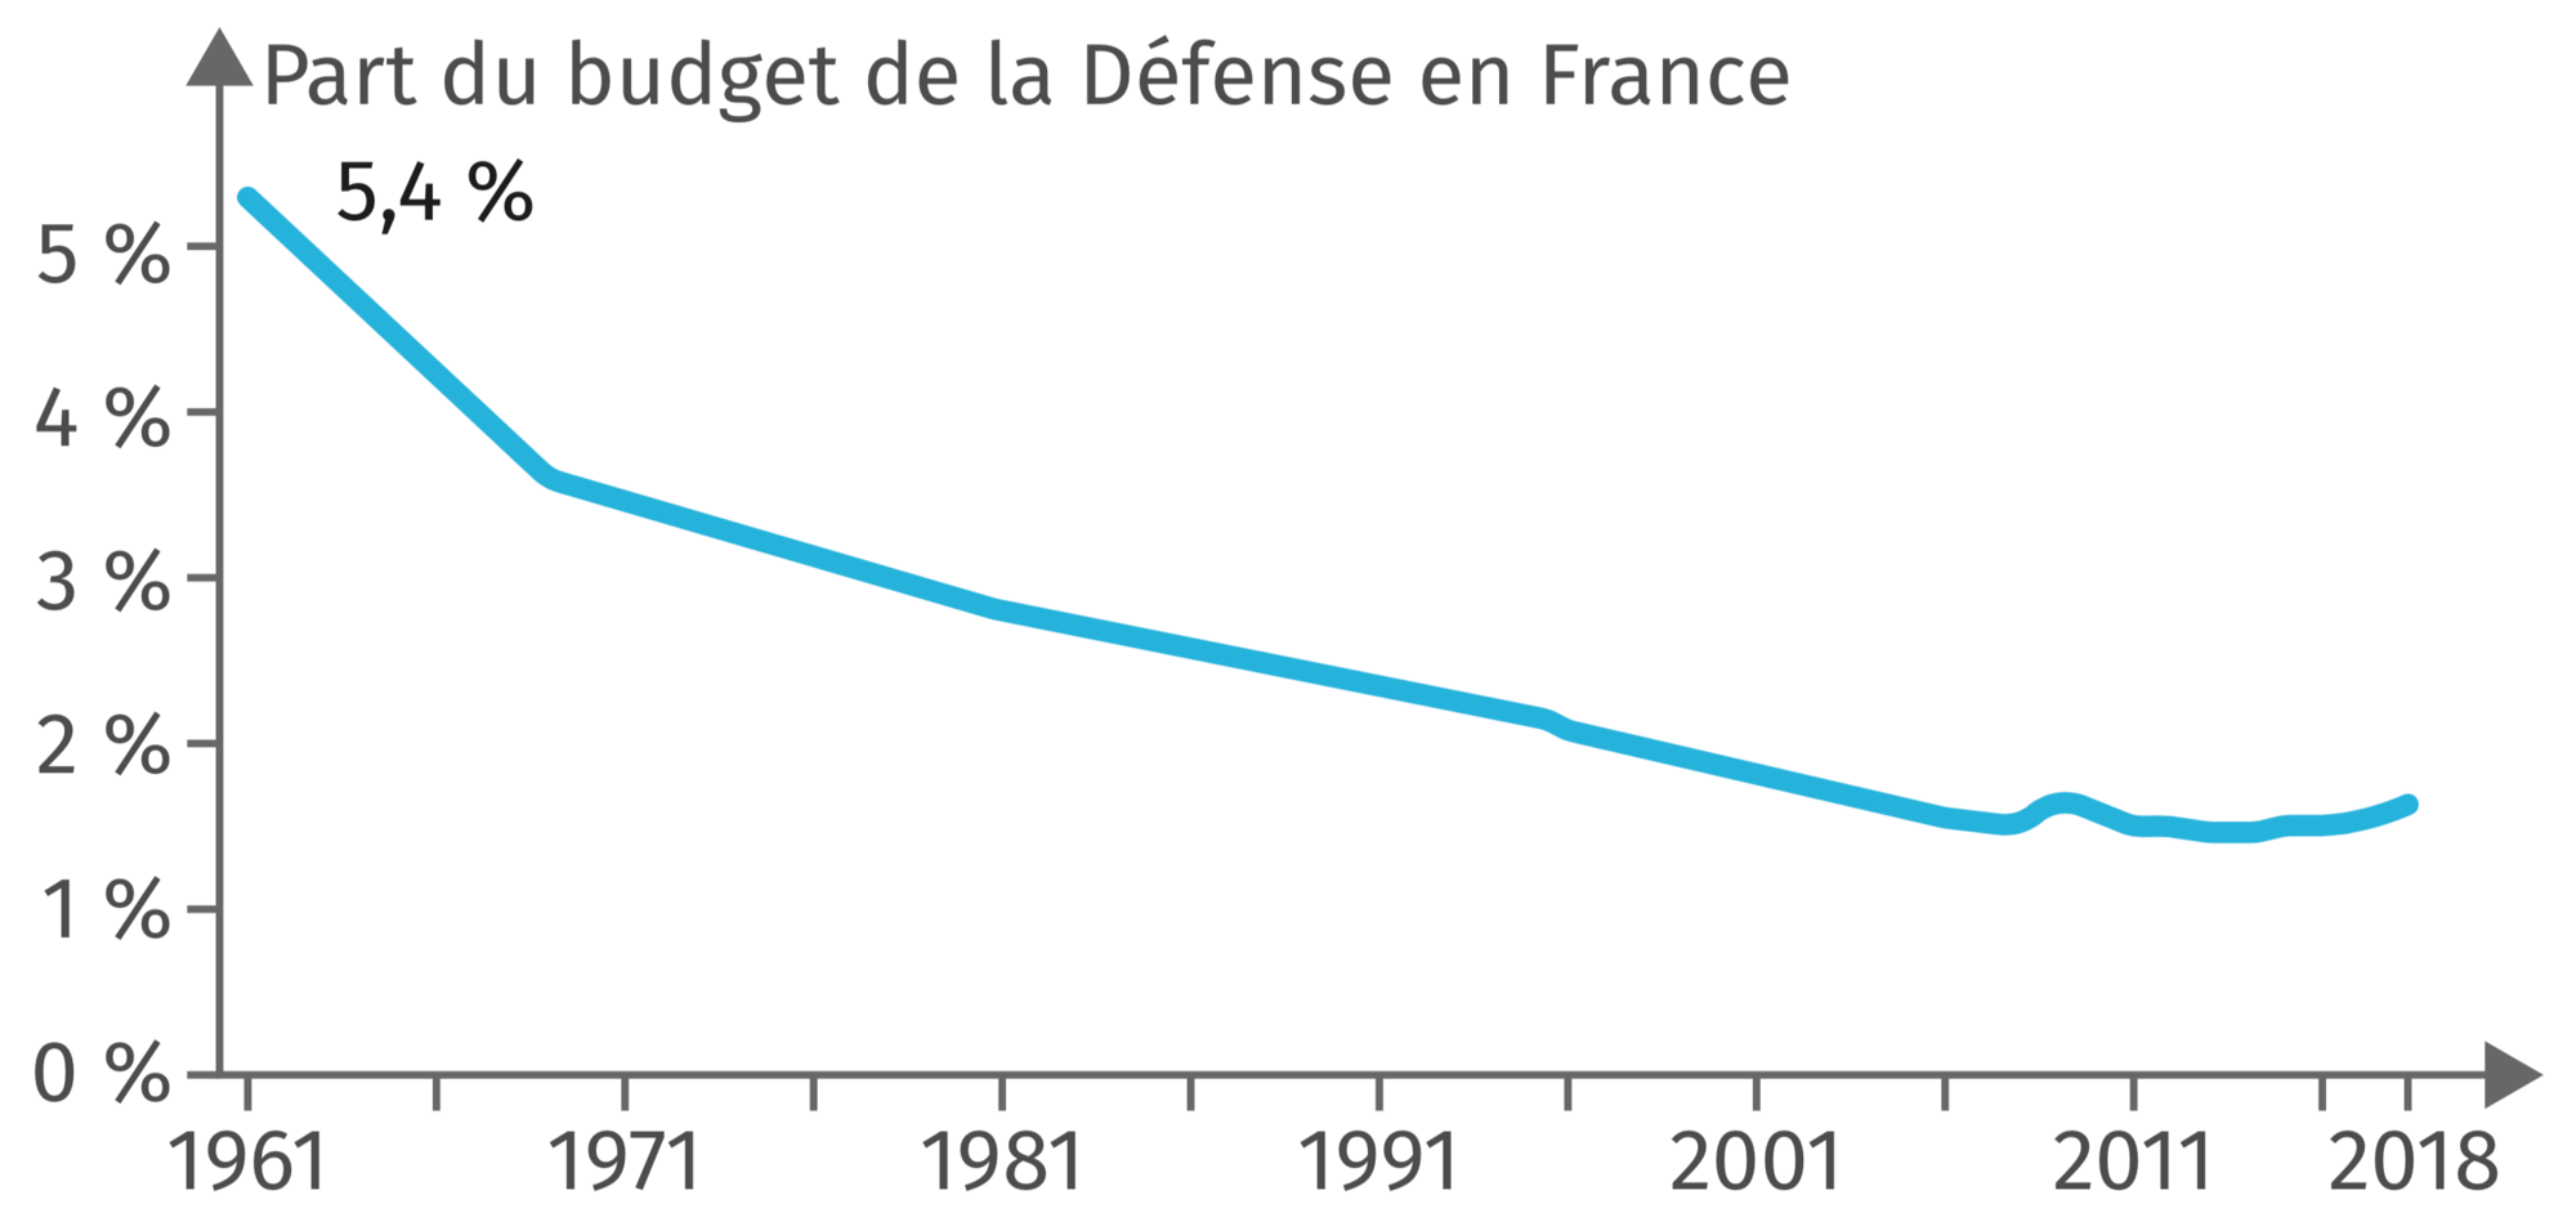 L'évolution du budget de la Défense